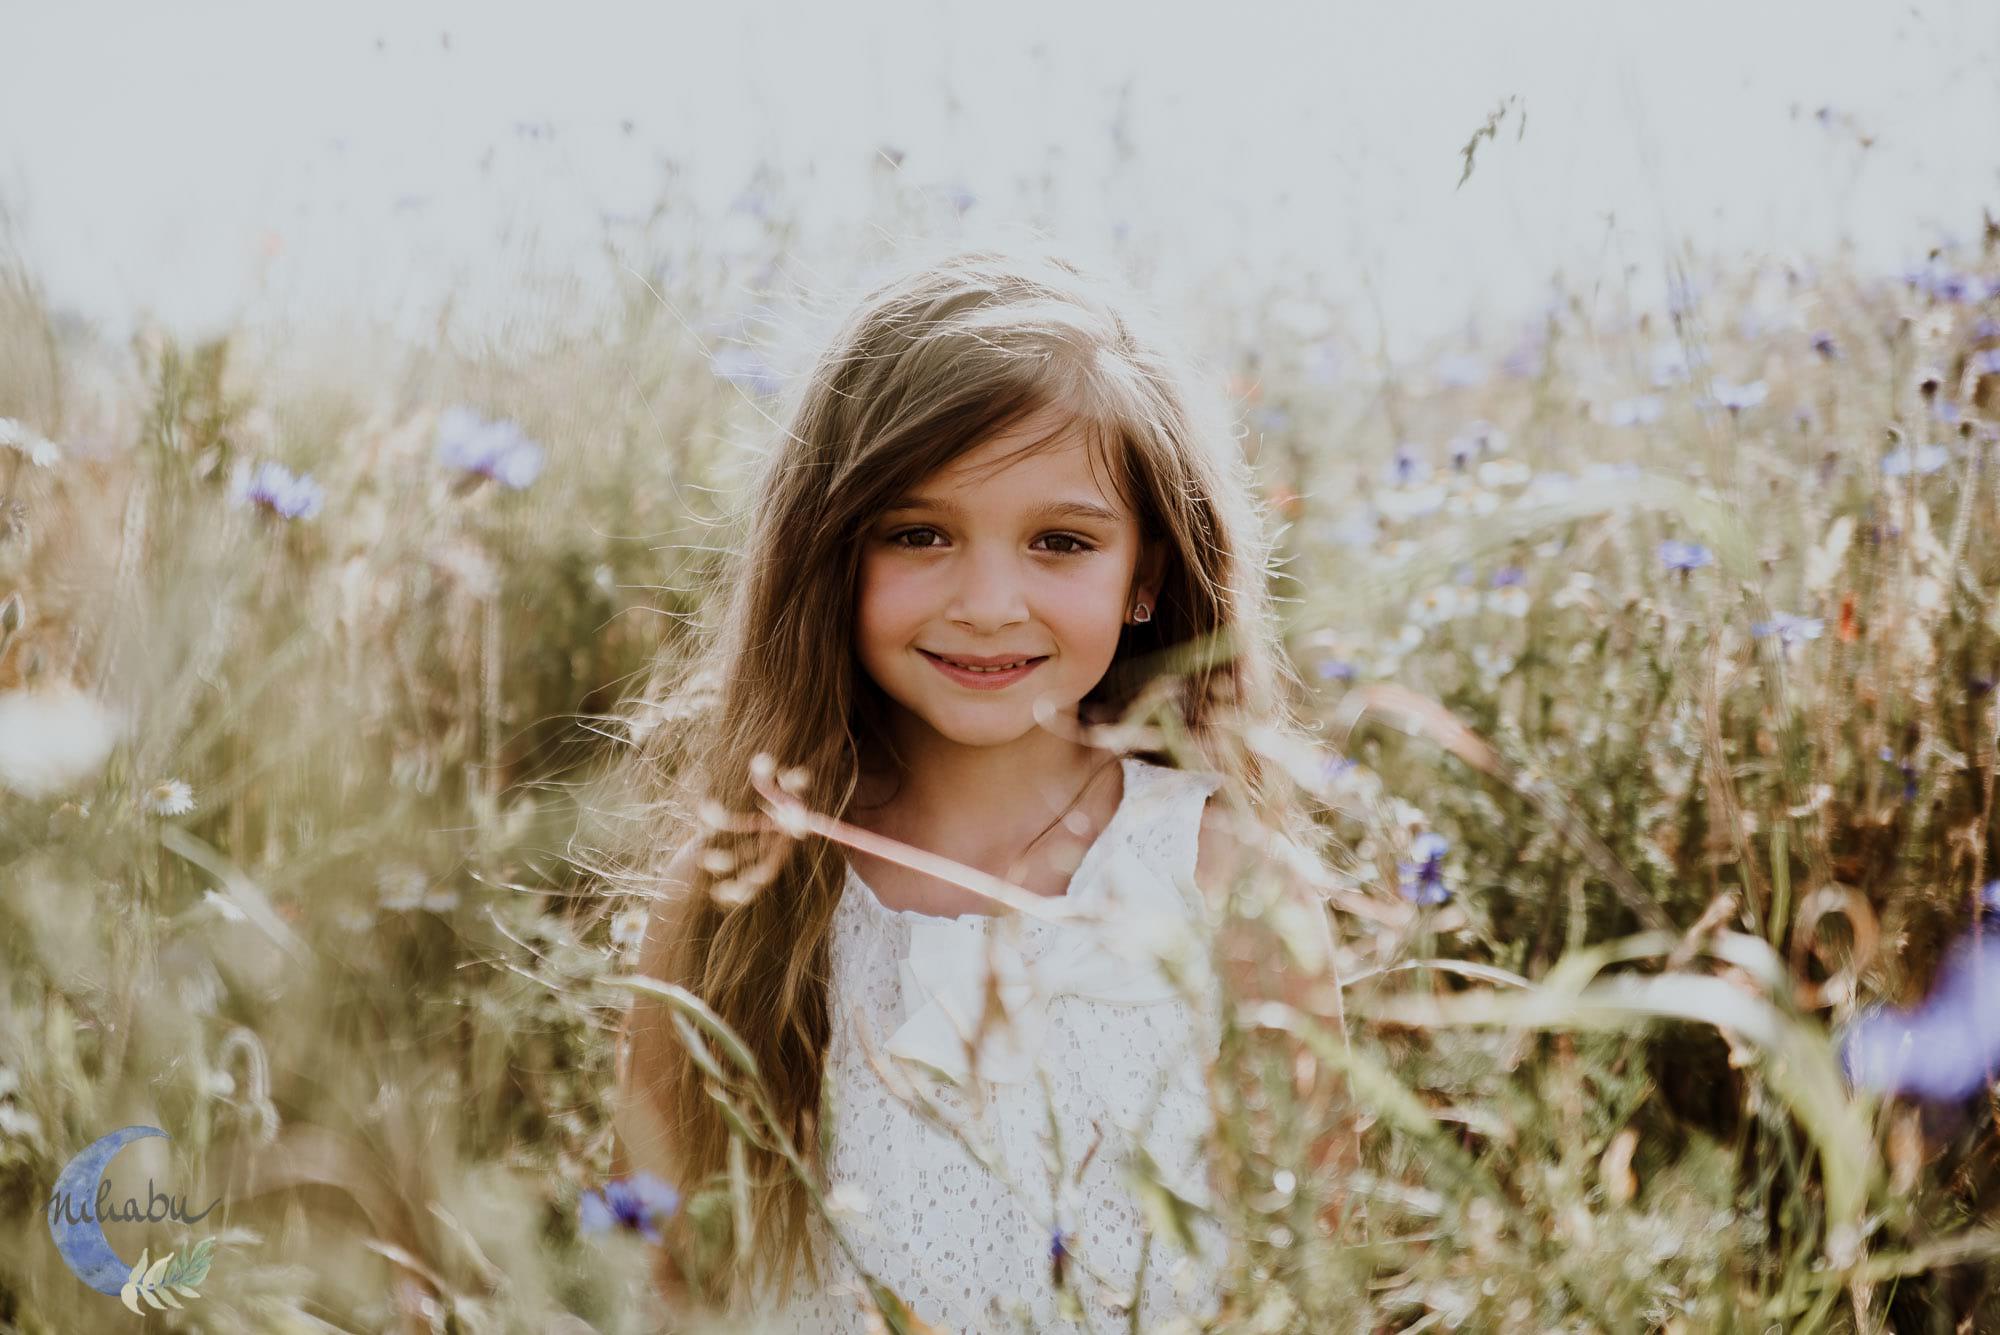 Kinderfotografin-Trier-Kornfeld-Blumenwiese-04